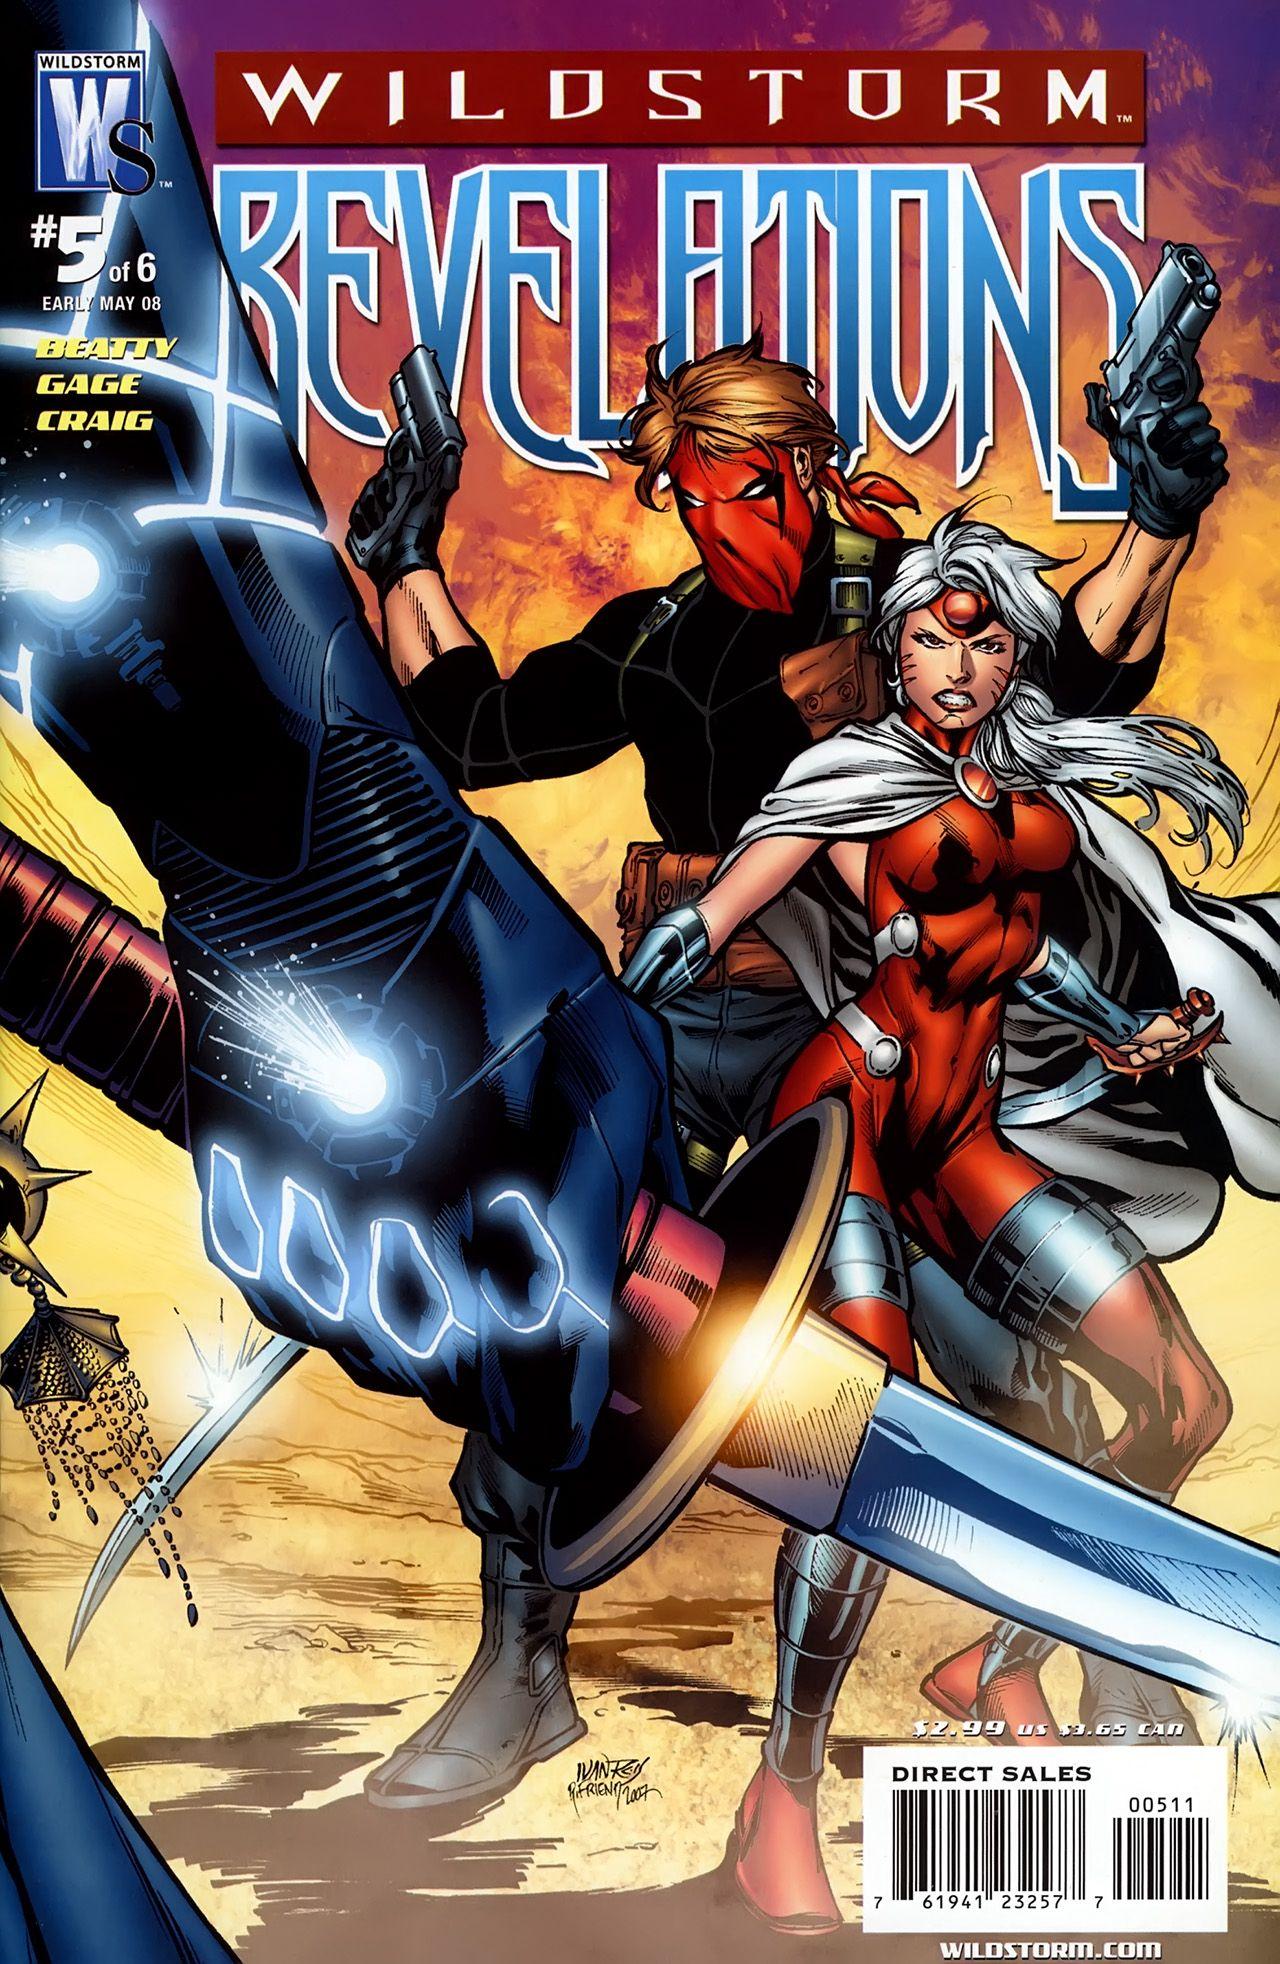 wildstorm comics - Google Search